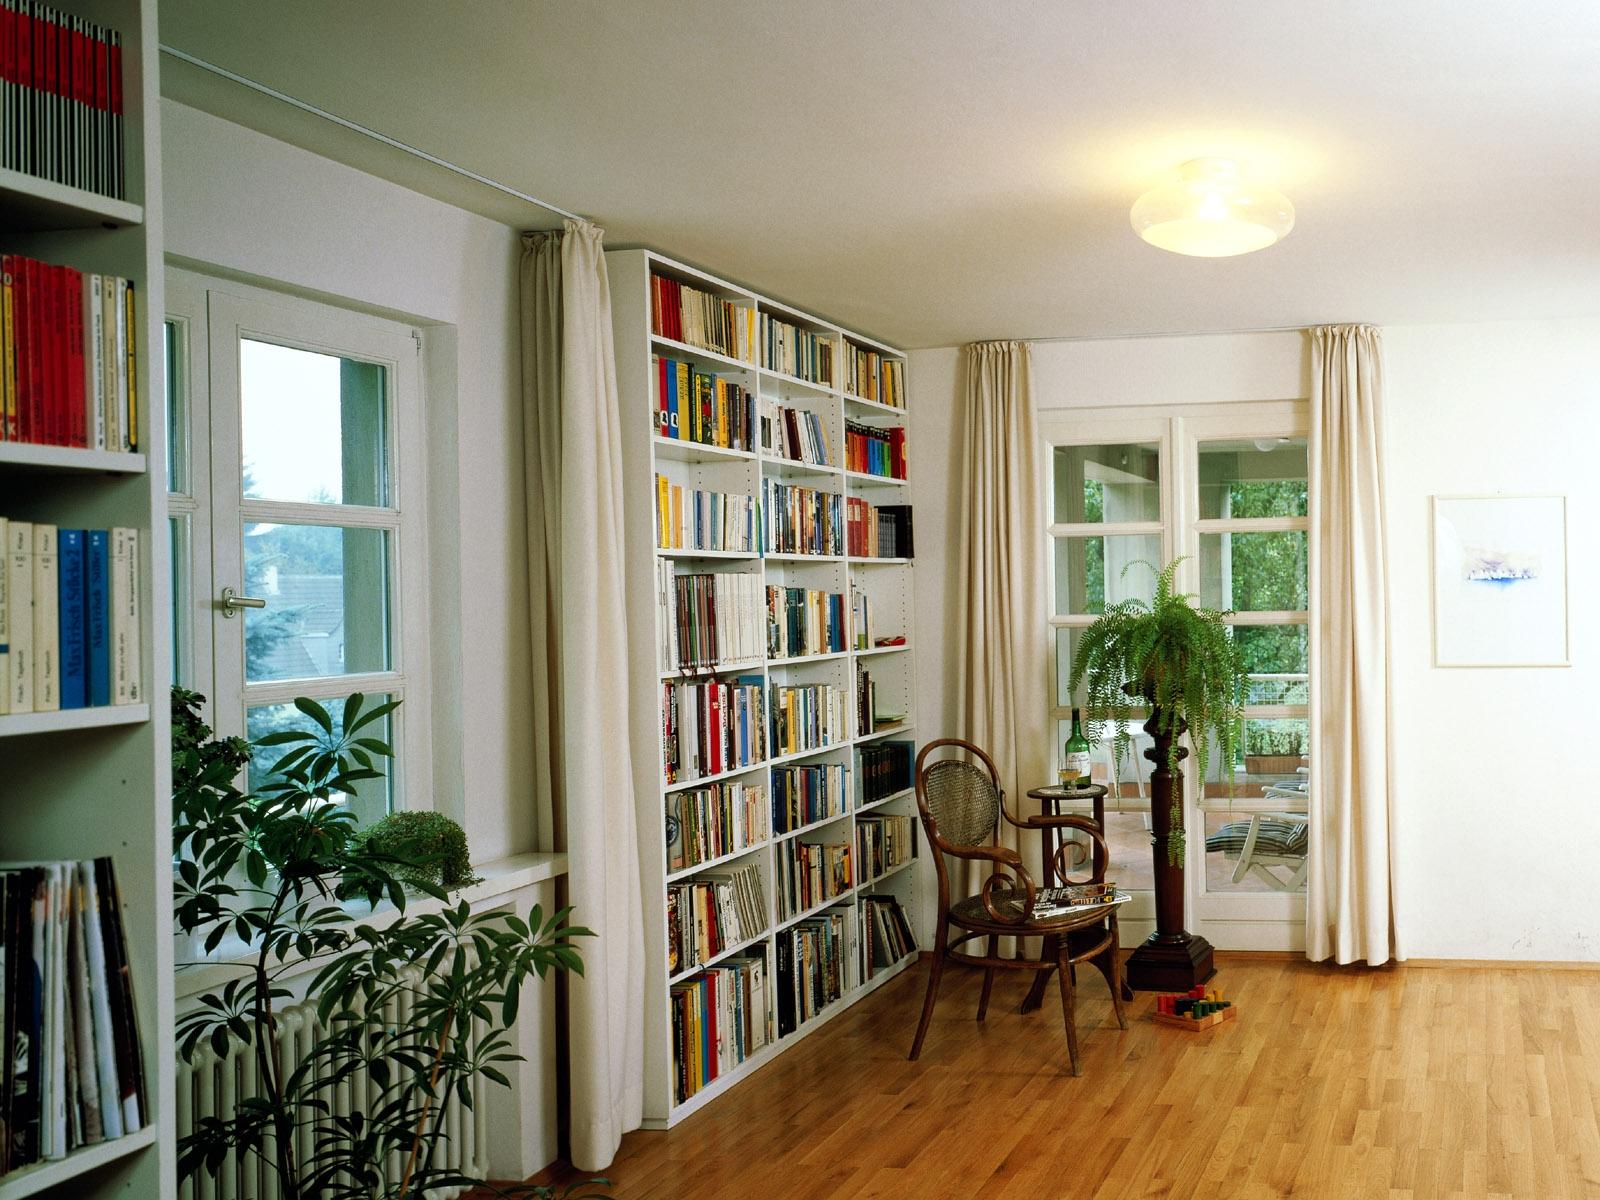 Fondos de pantalla  ventana habitacin libros diseo